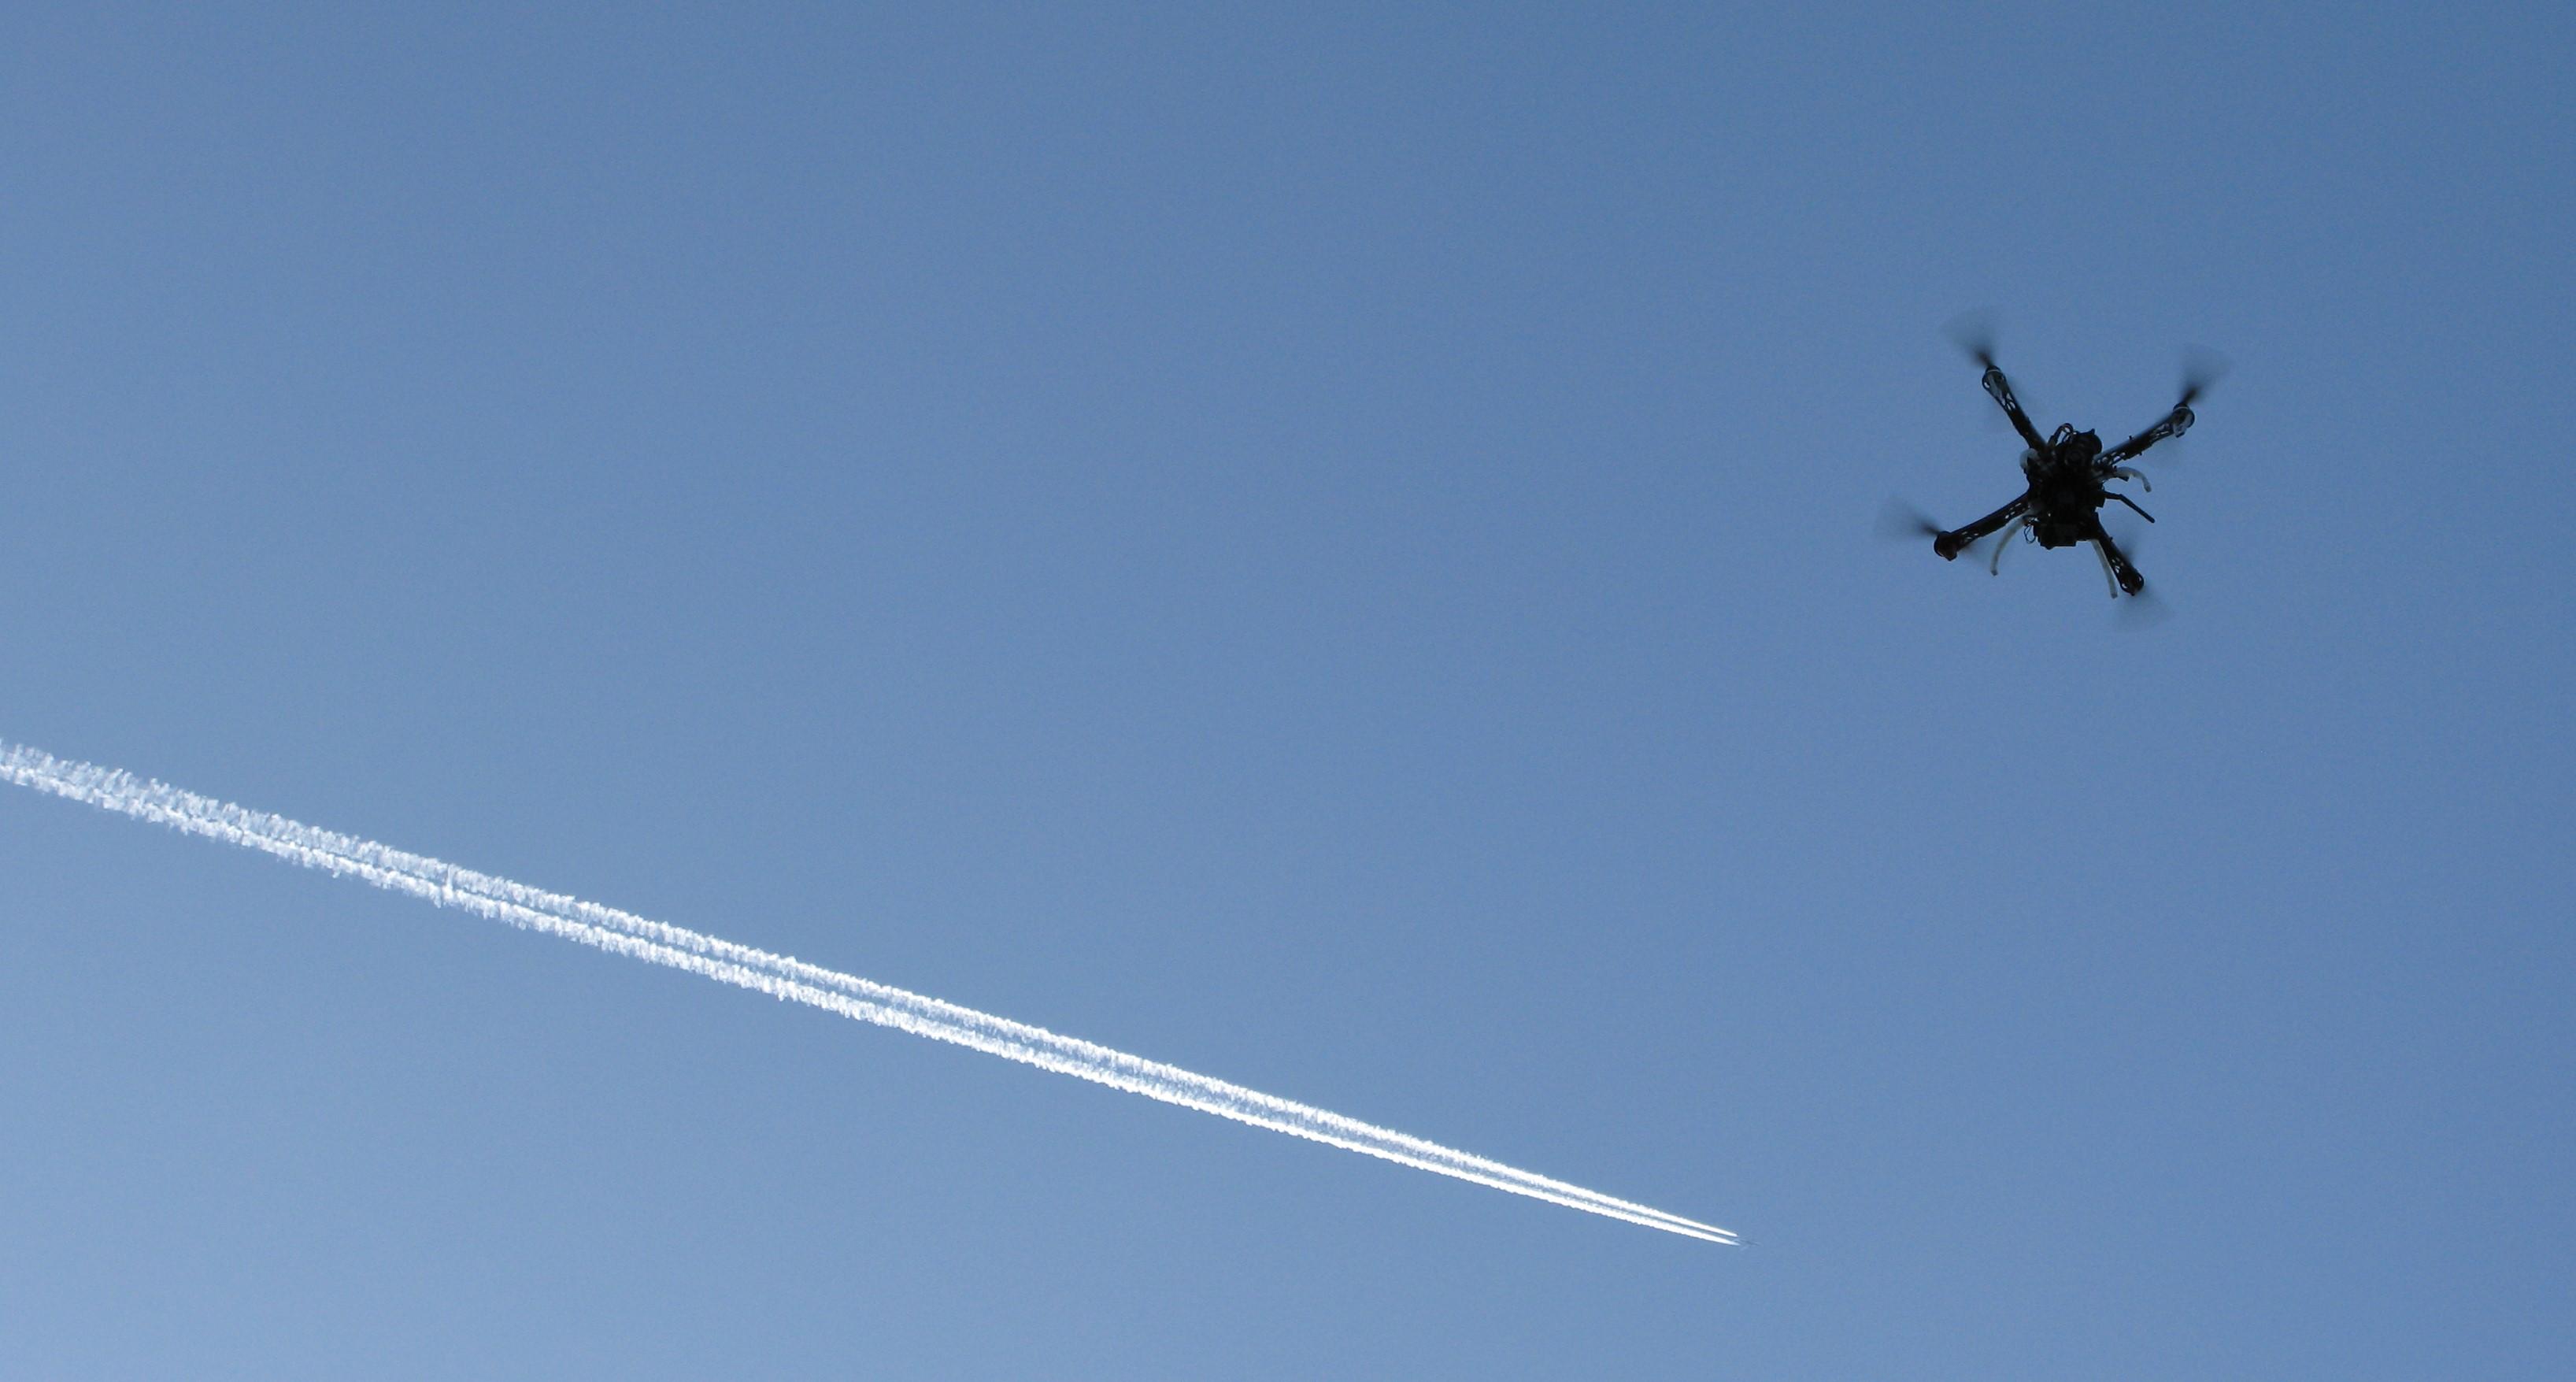 30-thousand-feet-30-feet